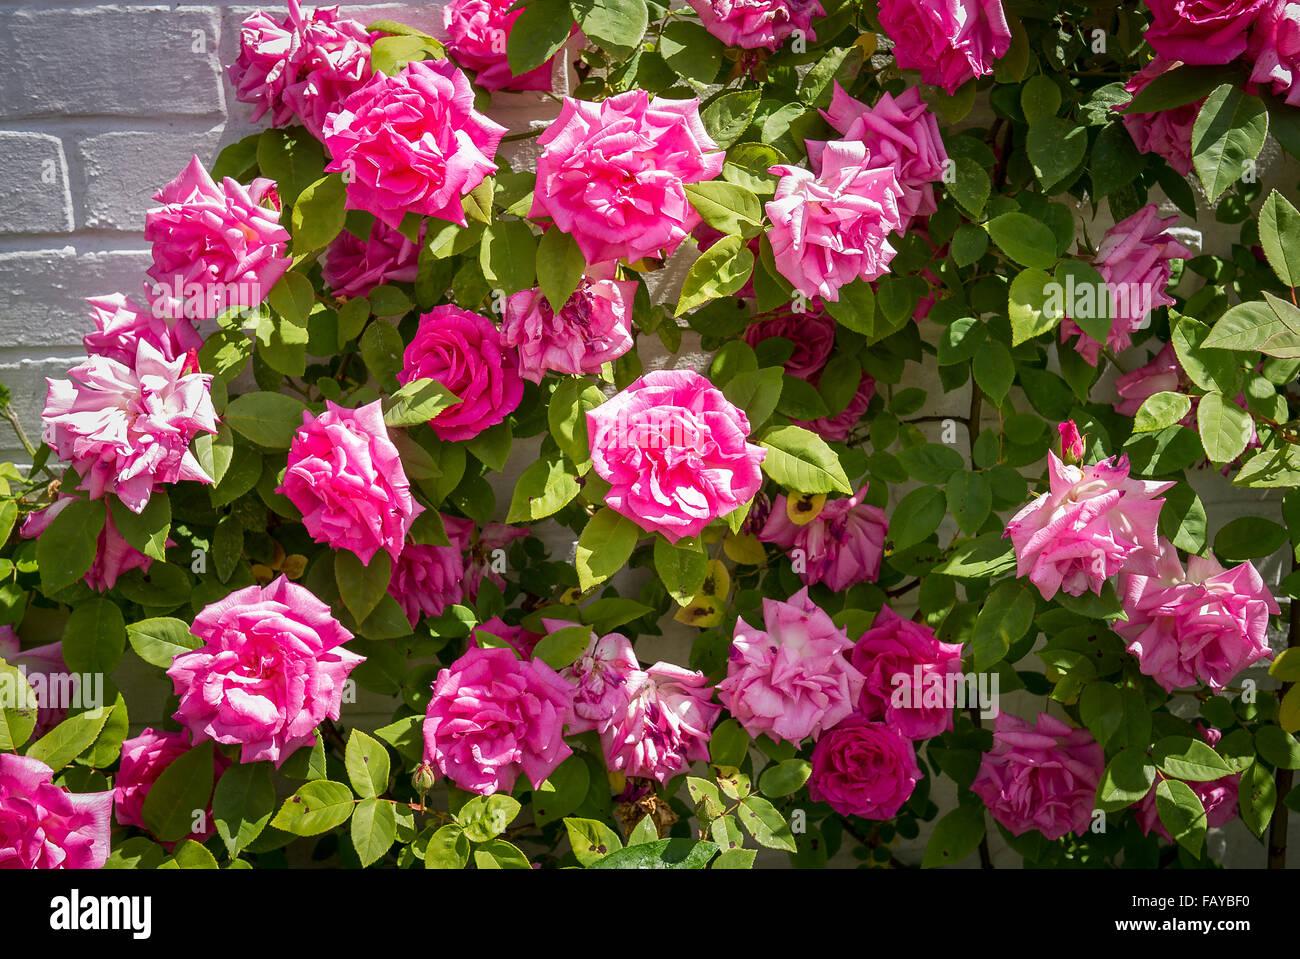 Zephirine Drouhin Climbing Rose climbing rose zephirine drouhin in full flower stock photo